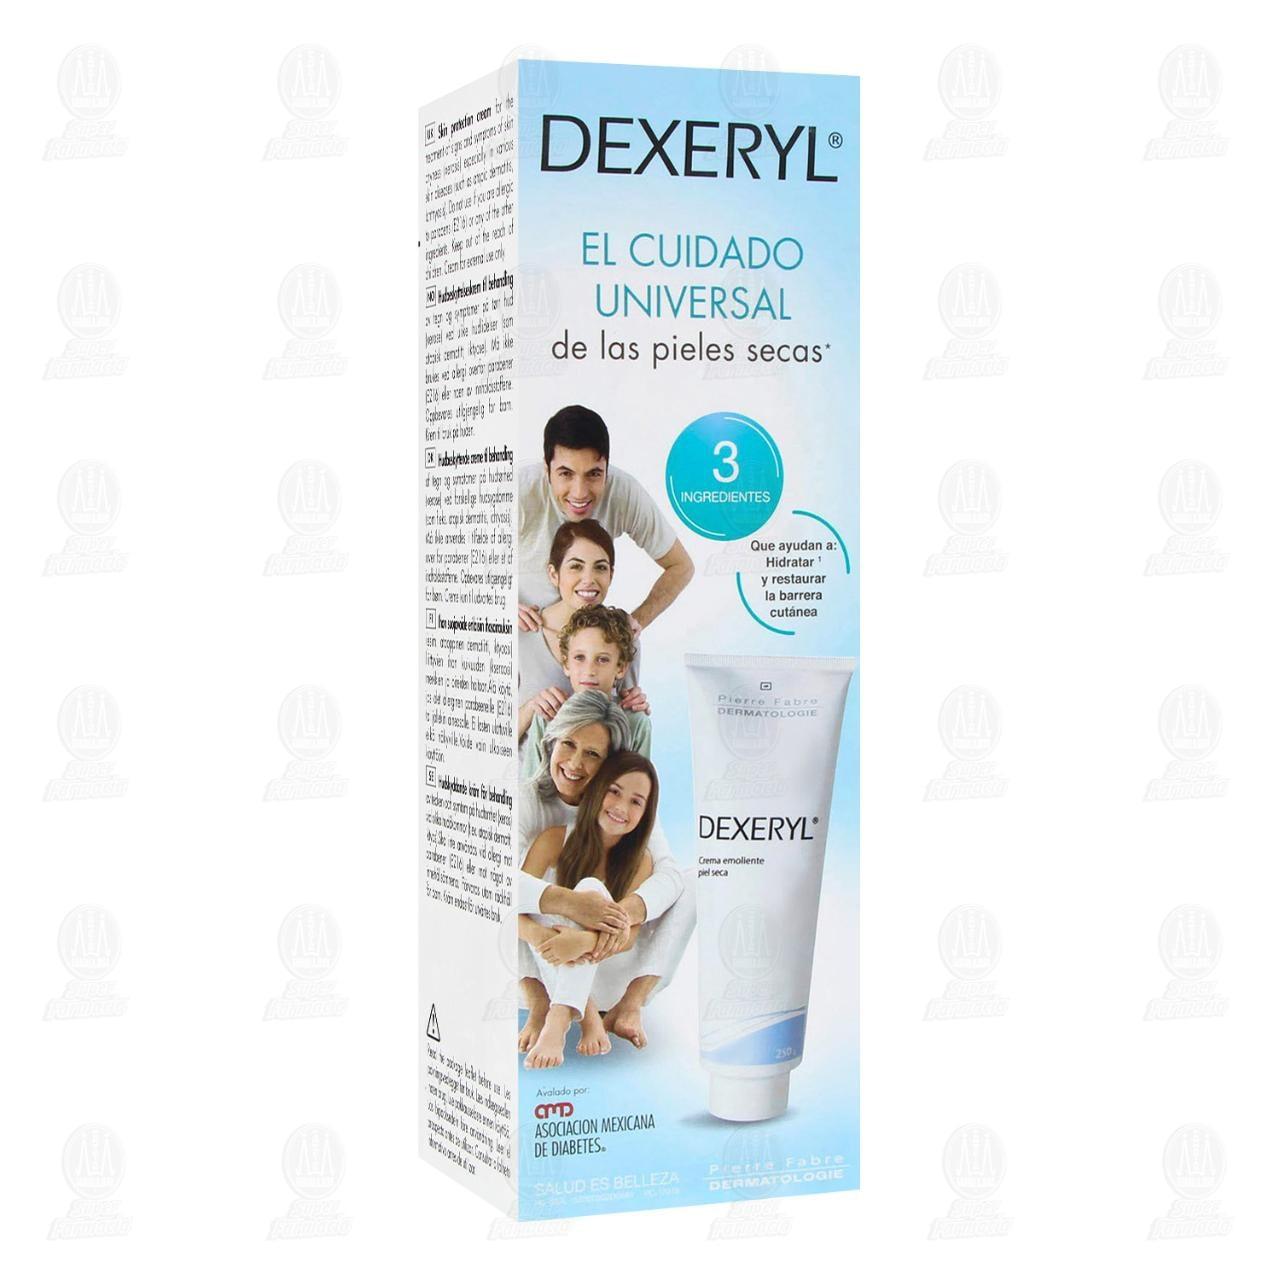 comprar https://www.movil.farmaciasguadalajara.com/wcsstore/FGCAS/wcs/products/1191209_A_1280_AL.jpg en farmacias guadalajara